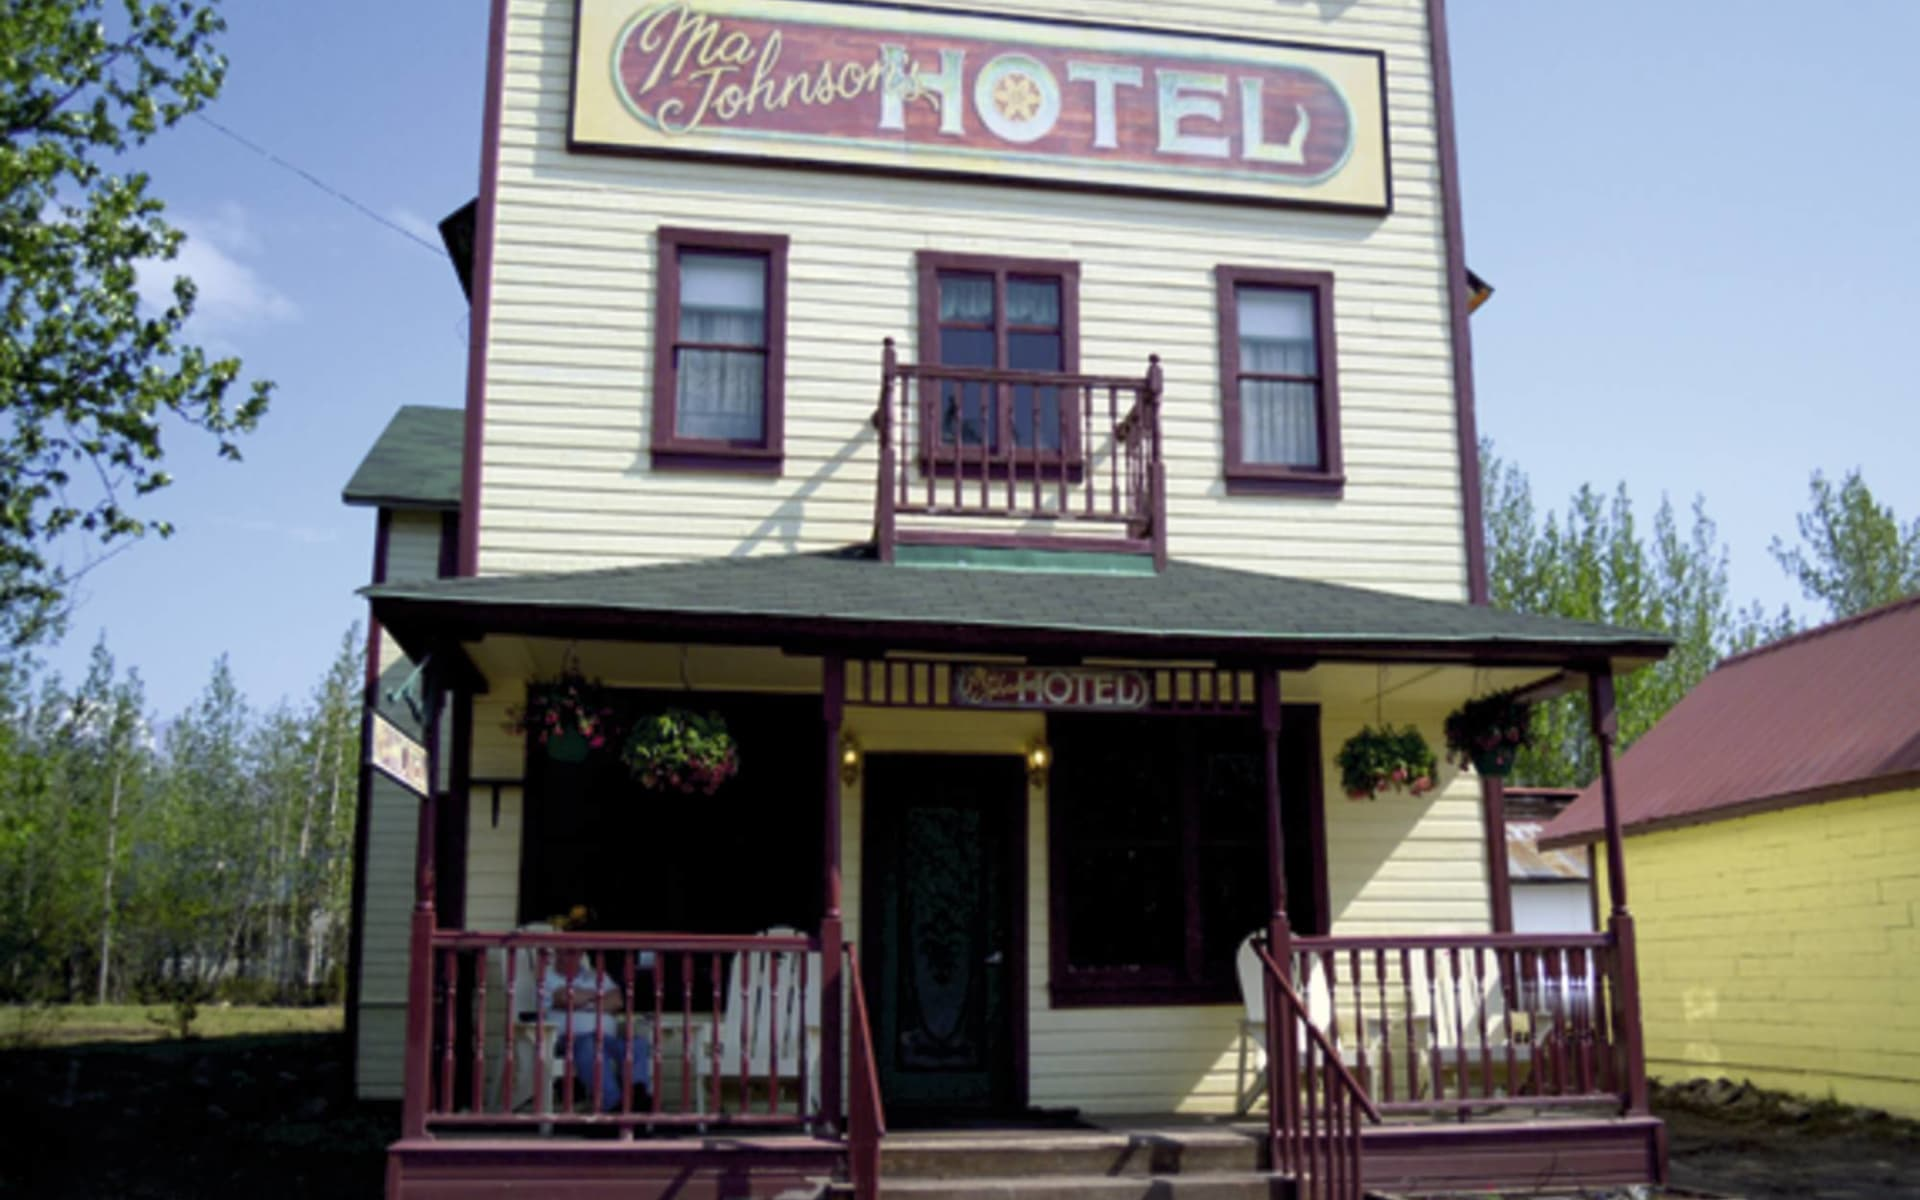 McCarthy Lodge - Ma Johnson Hotel in Wrangell-St. Elias National Park: _Mc Carthy Lodge - Ma Johnson Hotel - Aussenansicht